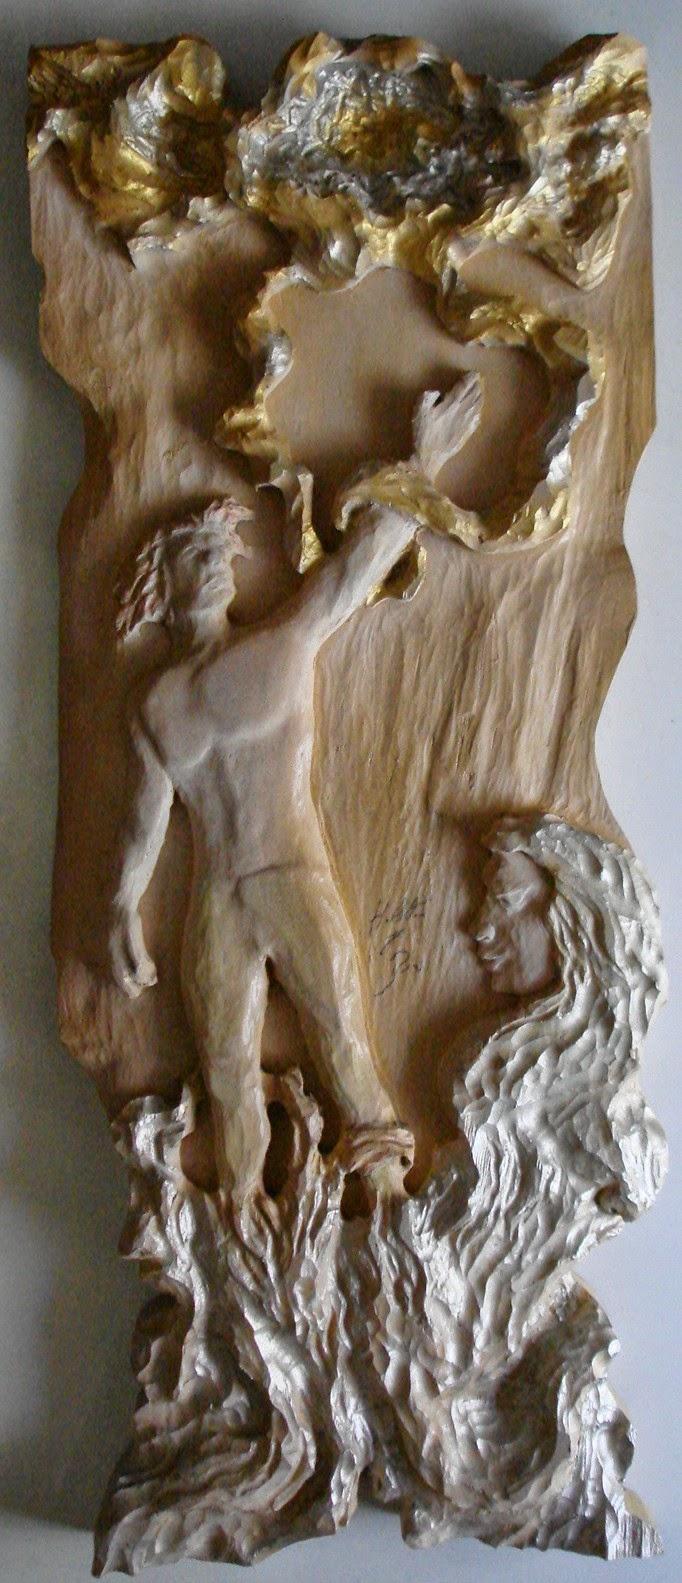 quadro entalhado em madeira